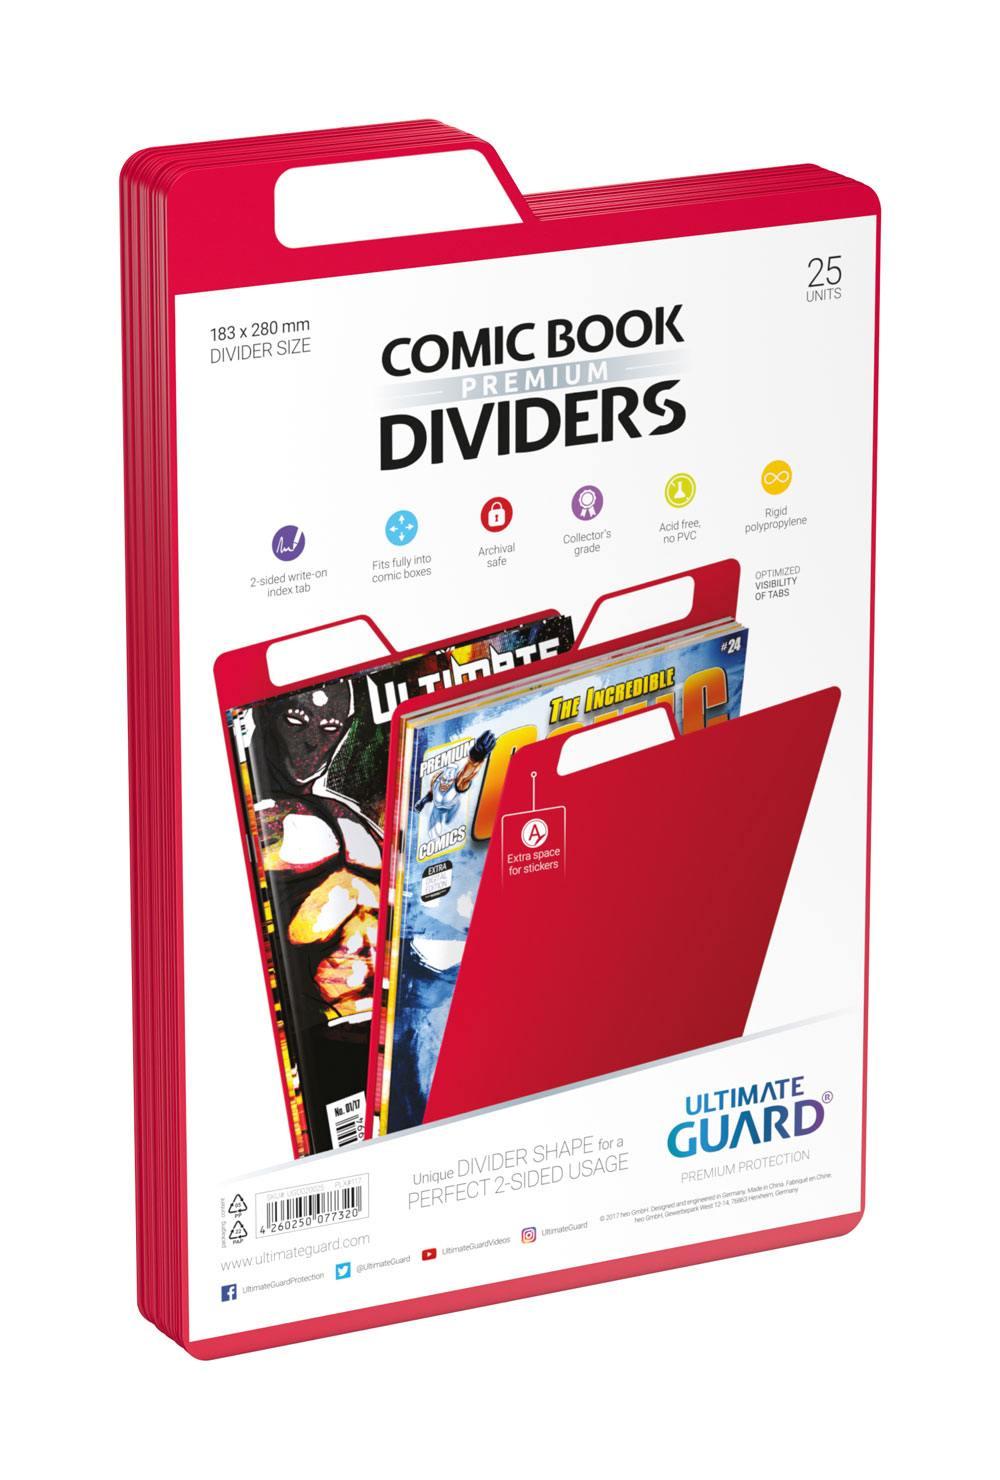 Photo du produit Ultimate Guard 25 intercalaires pour Comics Premium Comic Book Dividers Rouge